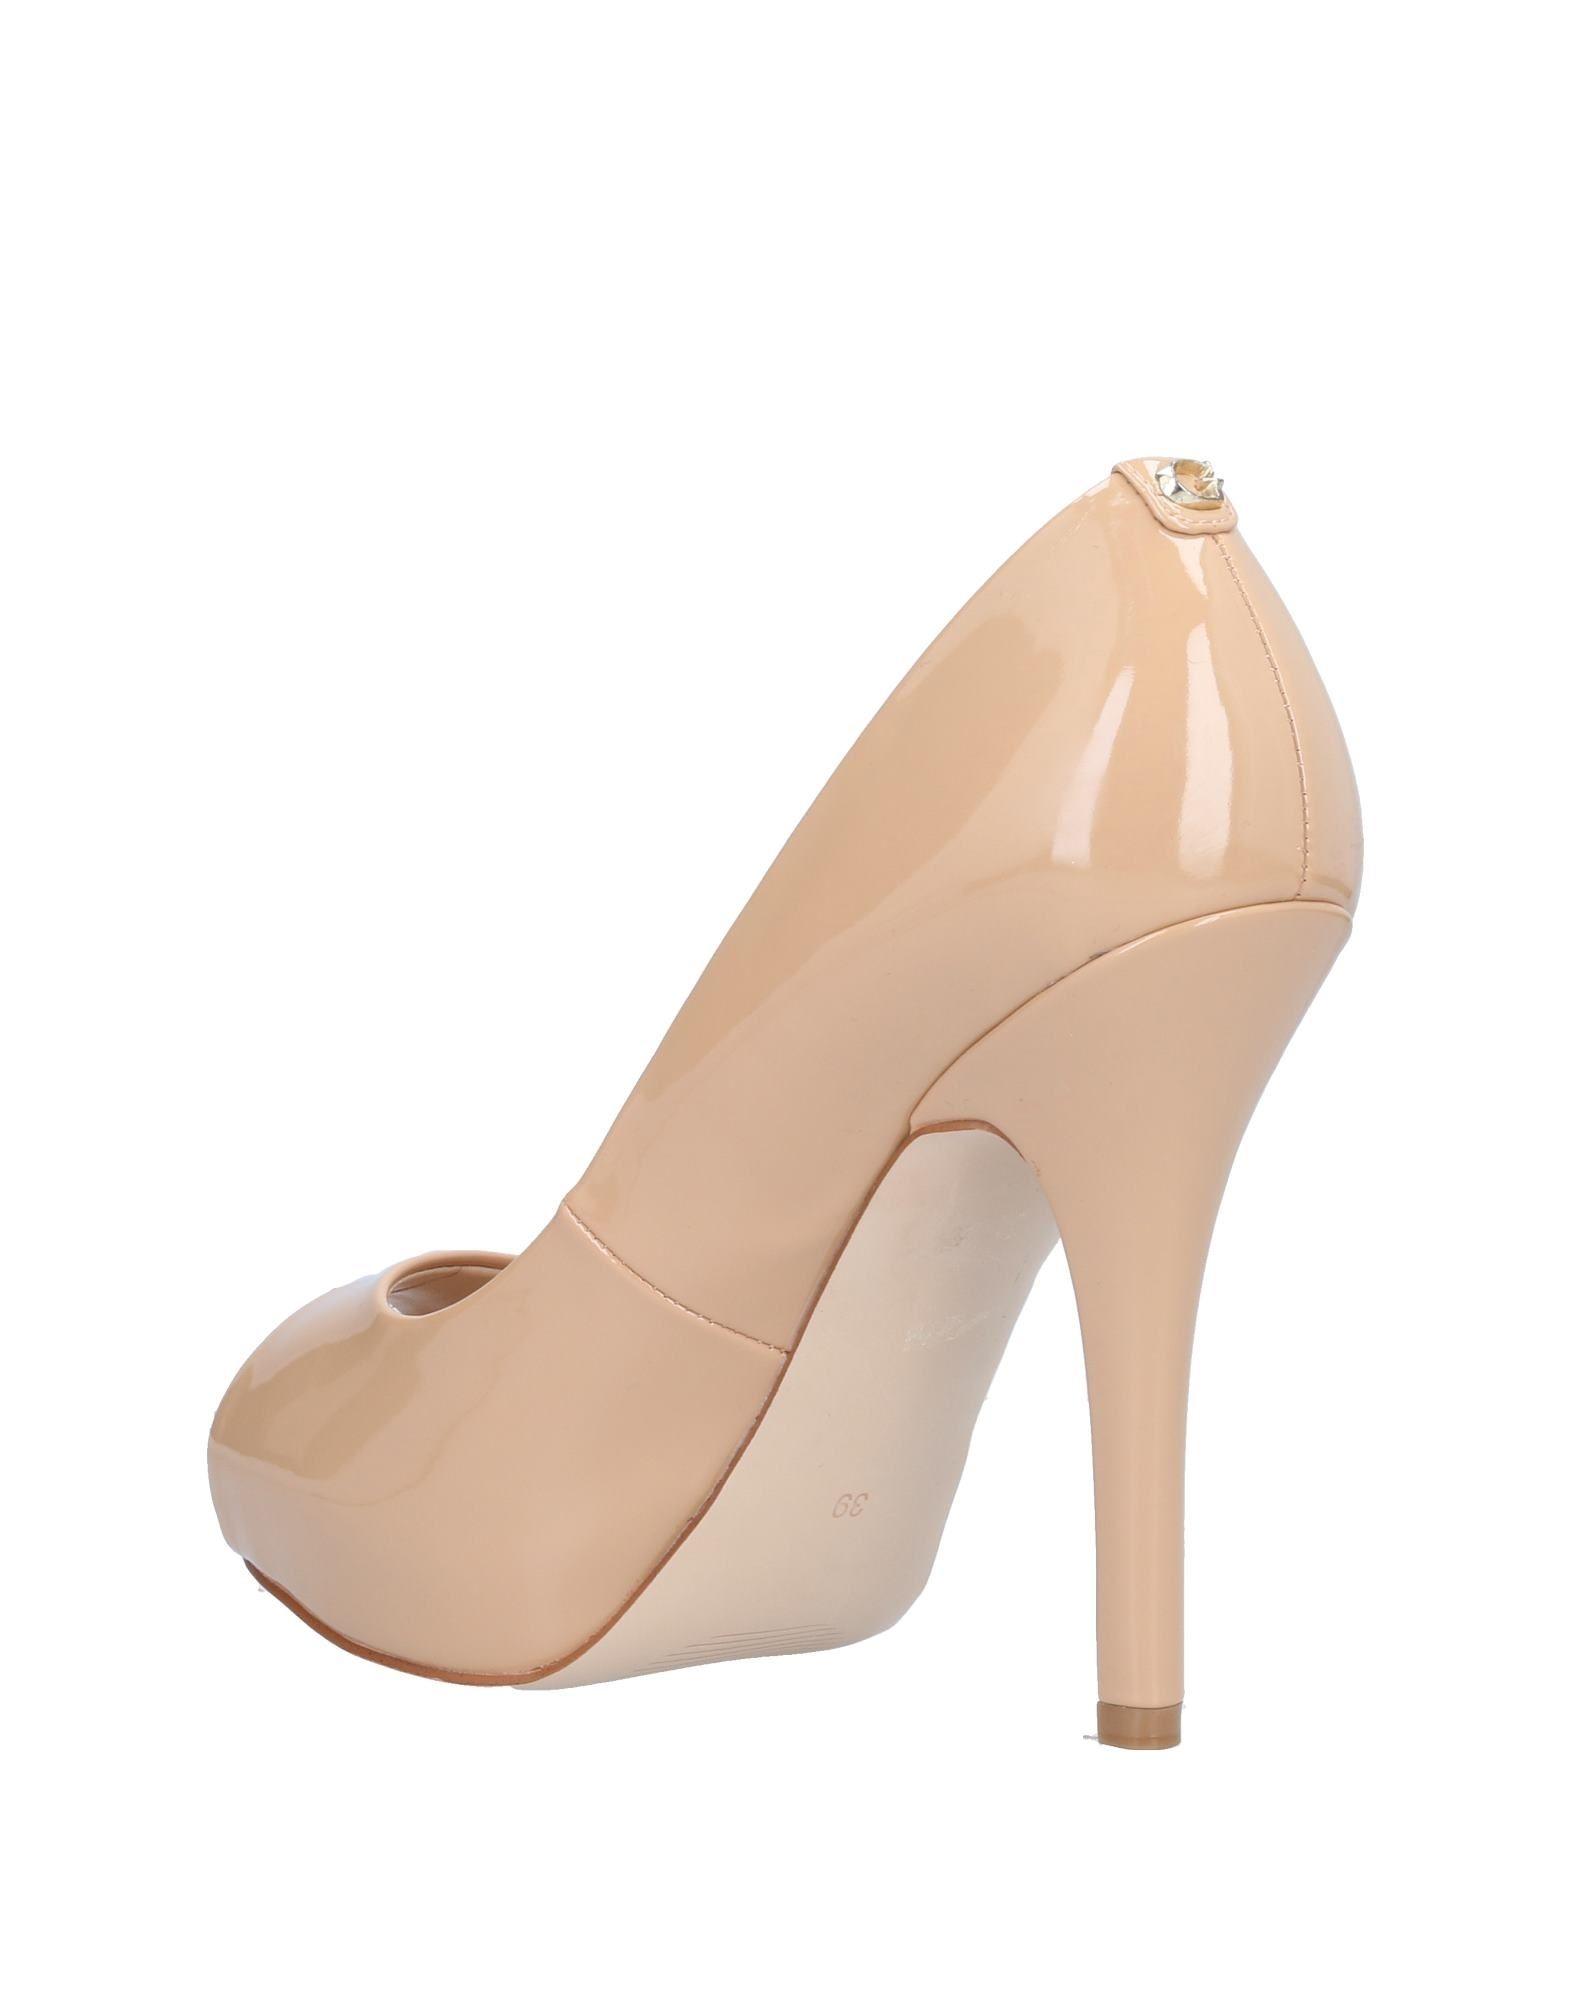 Guess Gute Pumps Damen  11490993LW Gute Guess Qualität beliebte Schuhe 6f6aa5